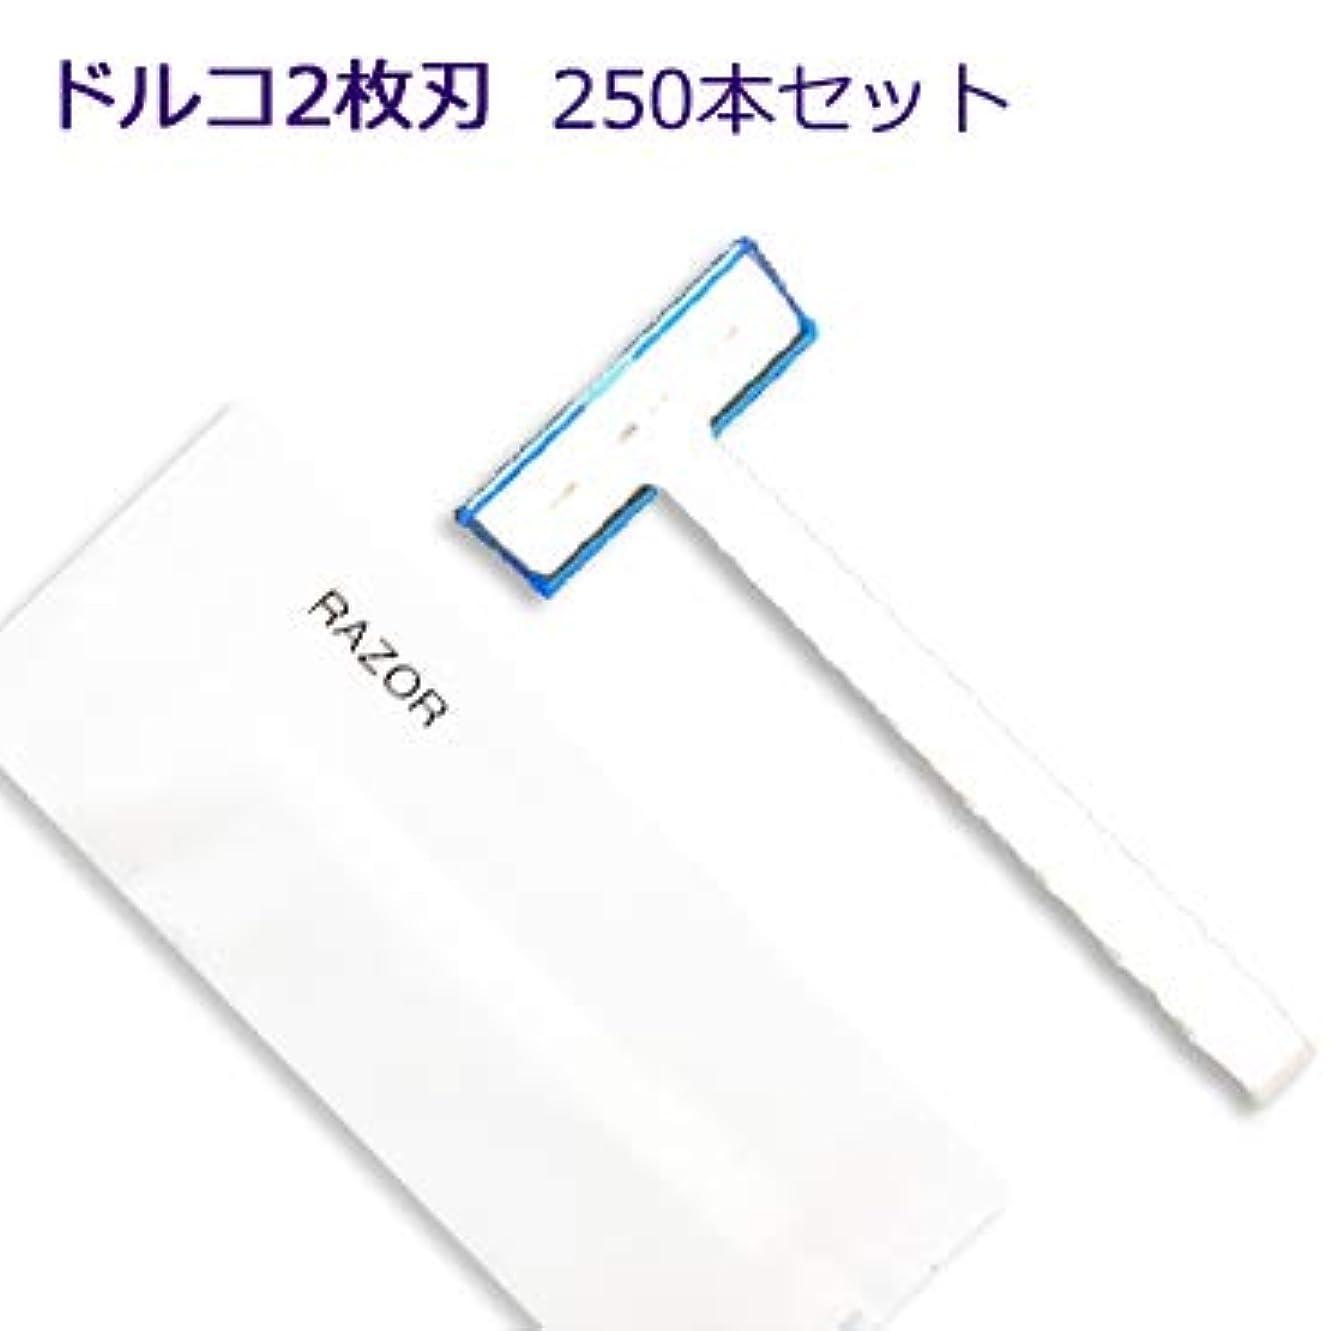 事件、出来事意志欲しいですホテル業務用 カミソリ マットシリーズ ドルコ 2枚刃 (1セット250個入)